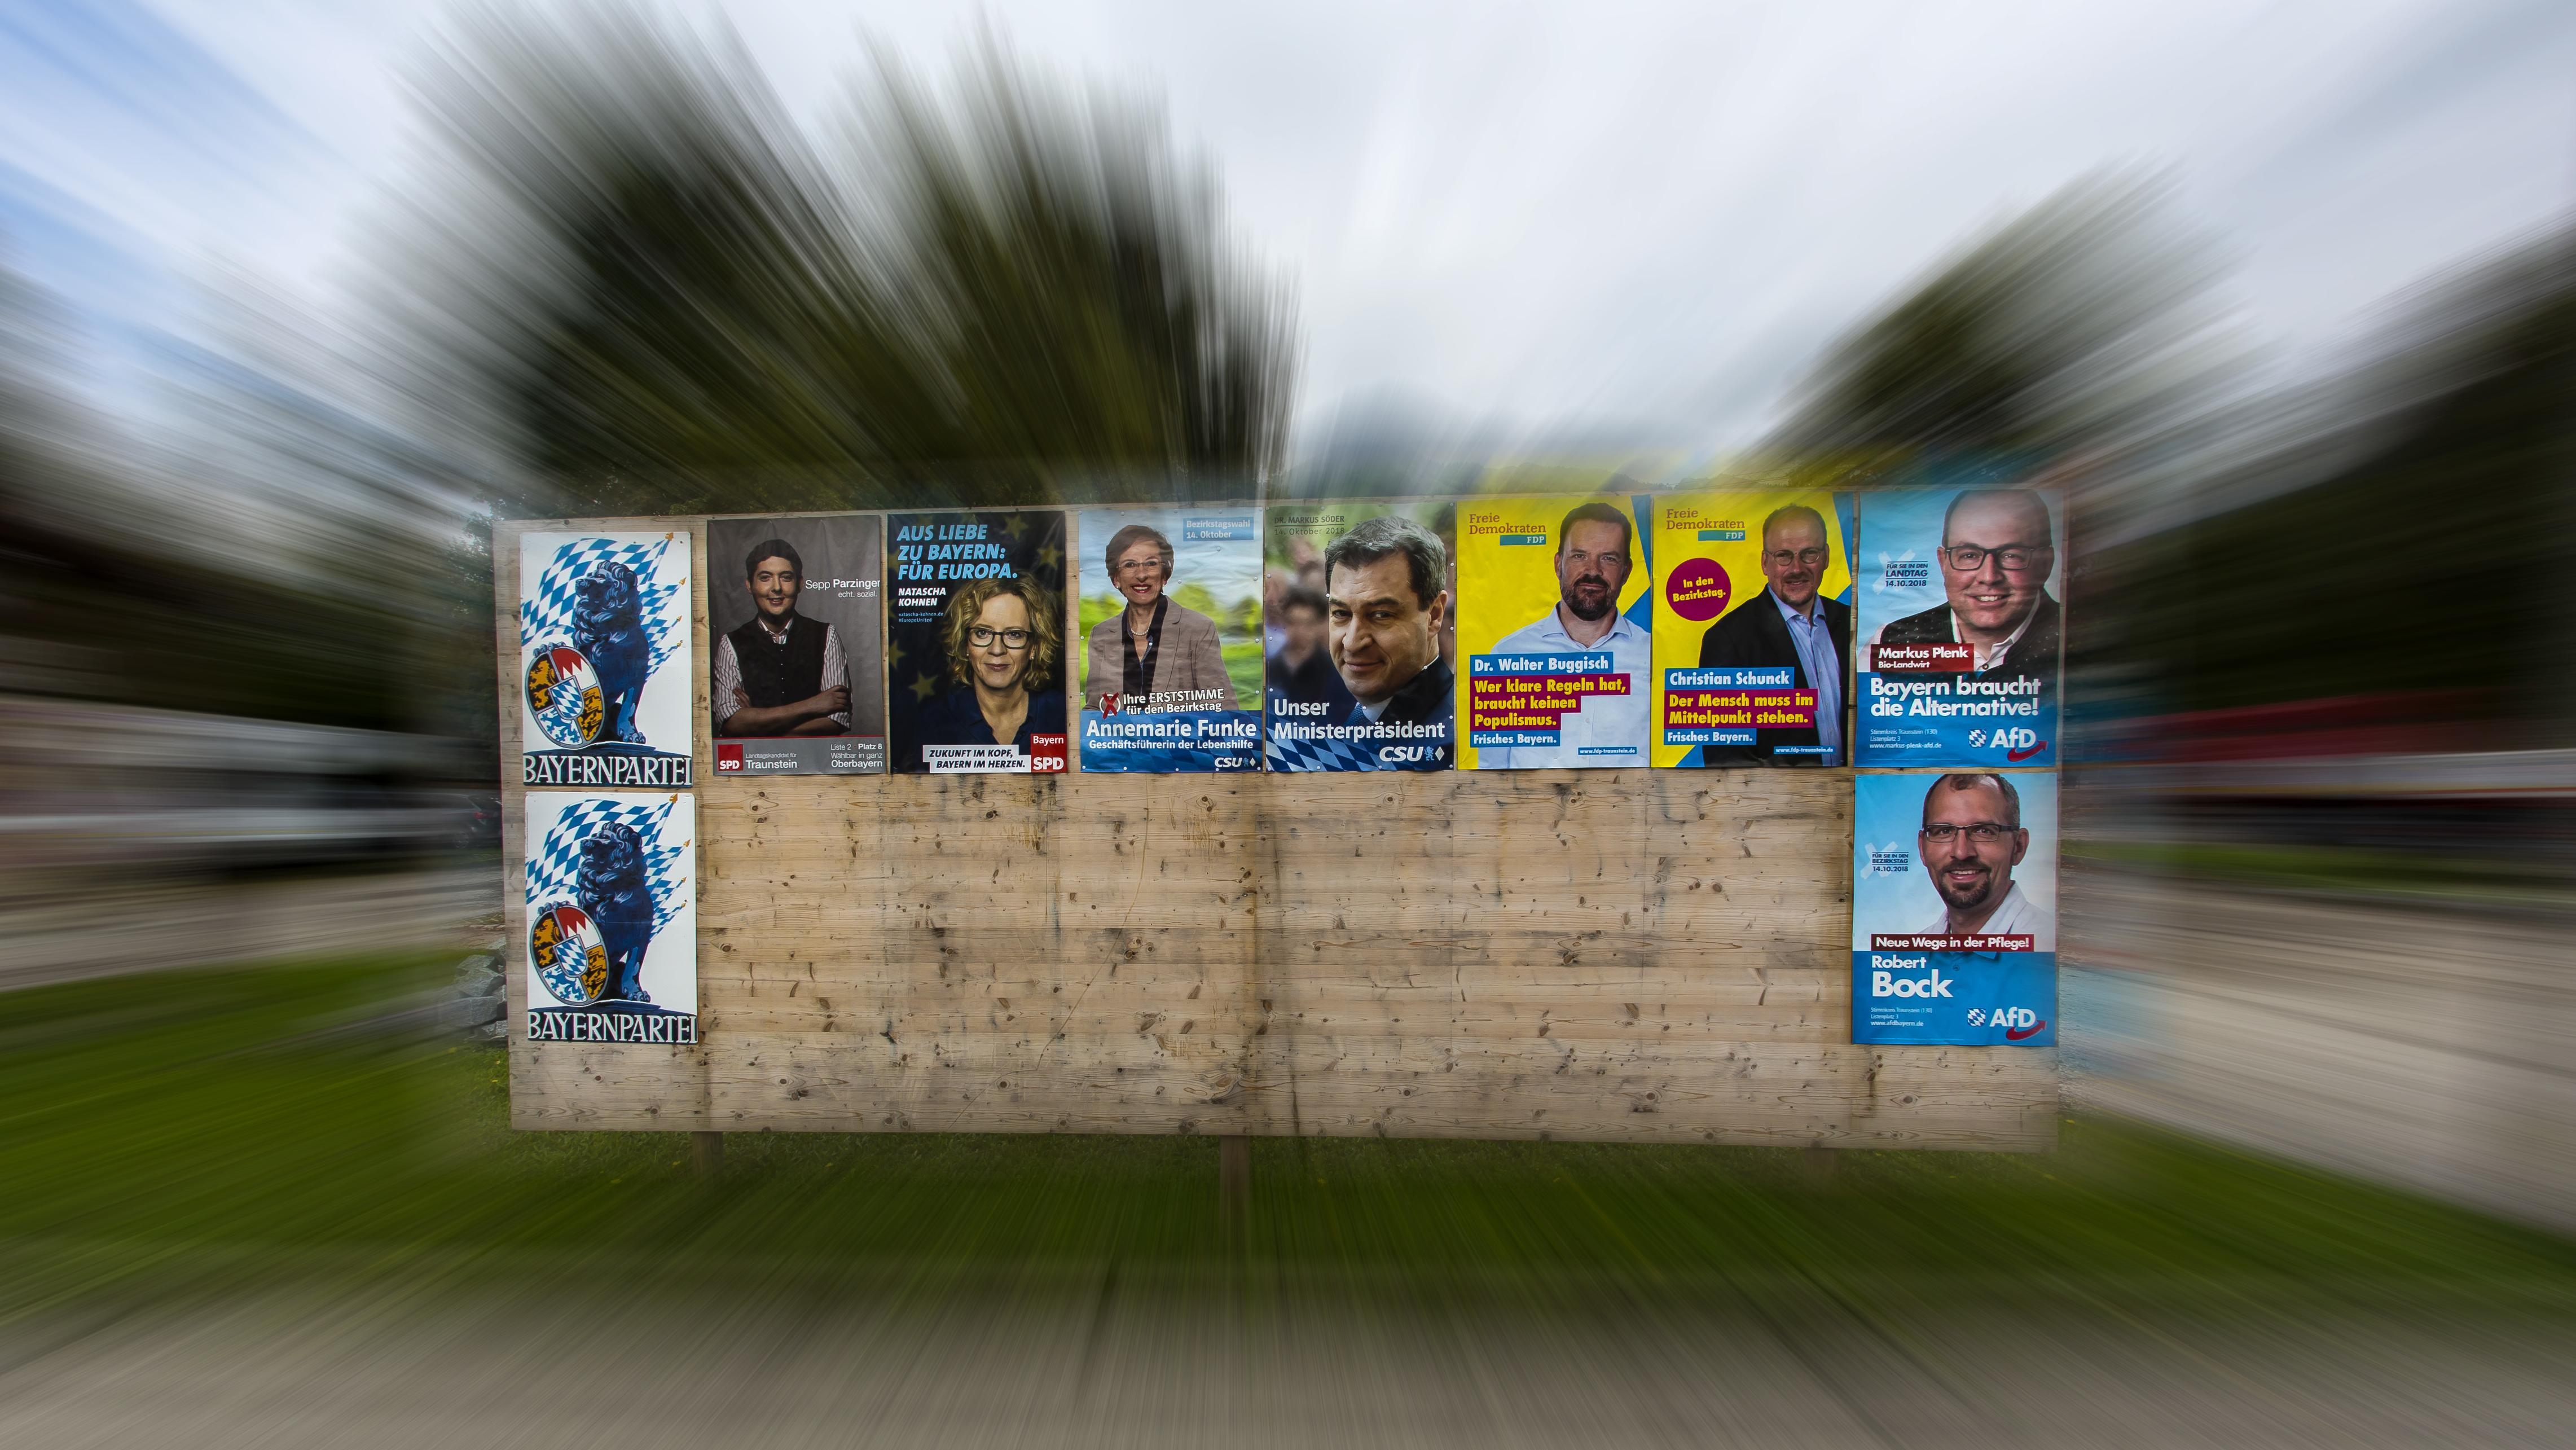 108885565Beschreibung:Wahlplakate der Parteien zur Landtagswahl 2018 in Bayern sind an einer Straße im Bezirk Traunstein zu sehen